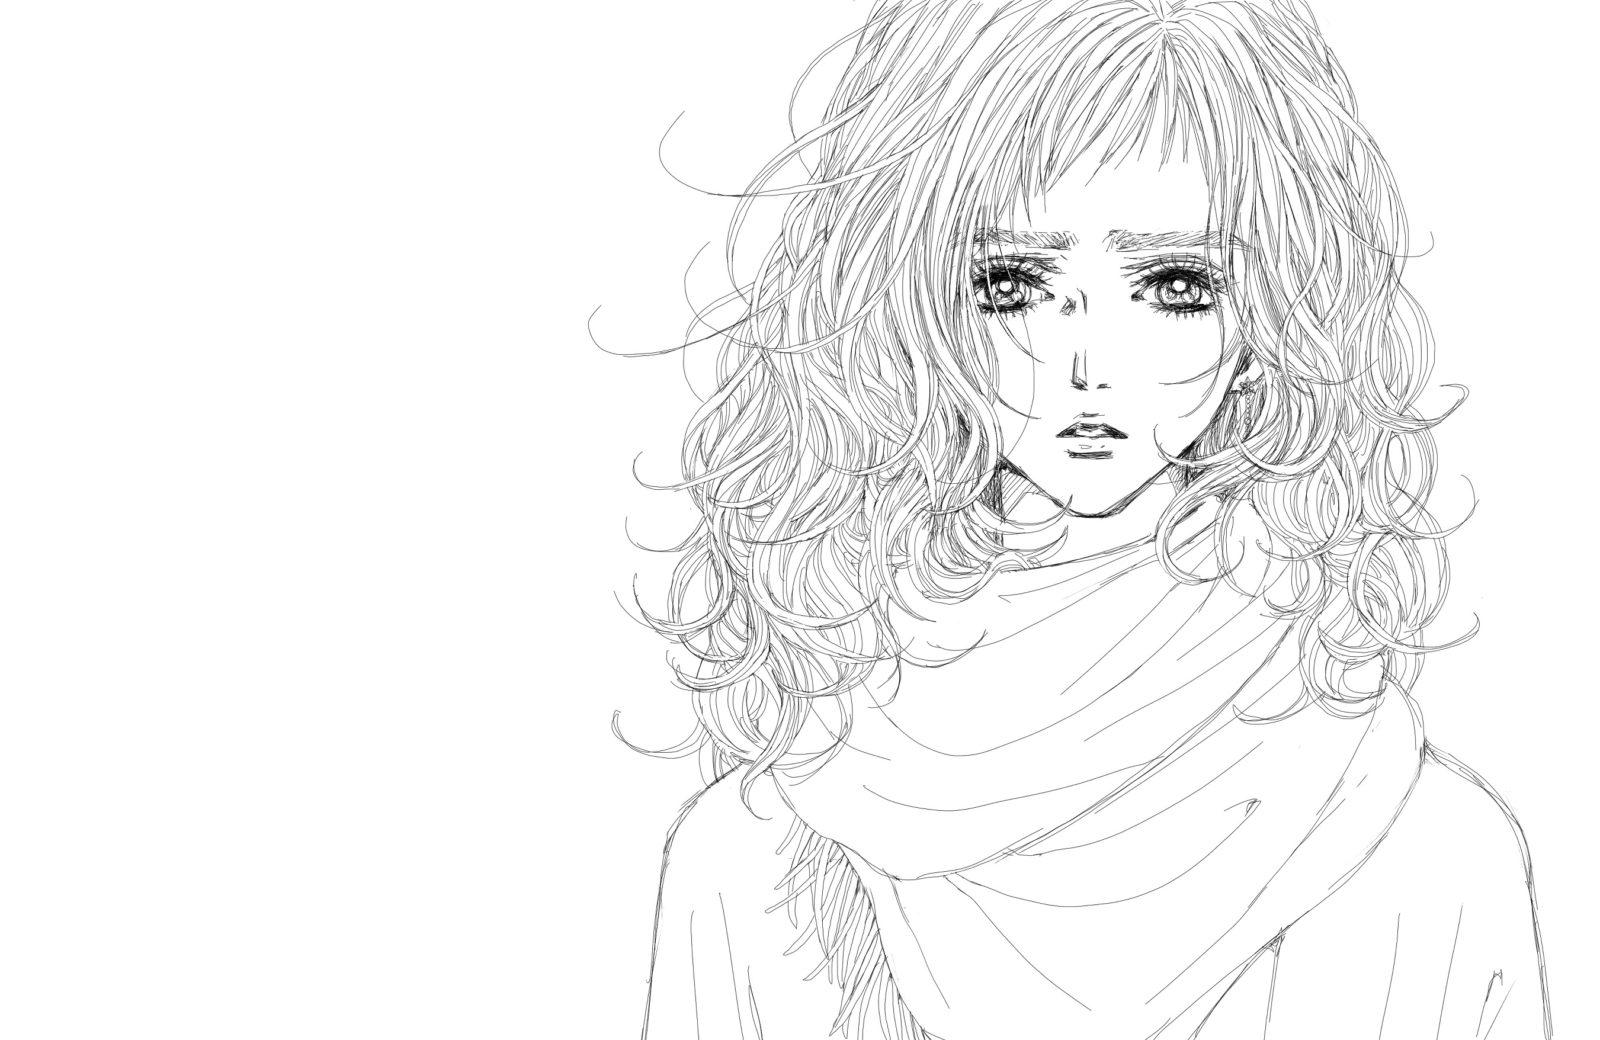 漫画家・矢沢あいがJUJUの新曲「いいわけ」とコラボレーション!第一弾イラストをスペシャルページで公開サムネイル画像!